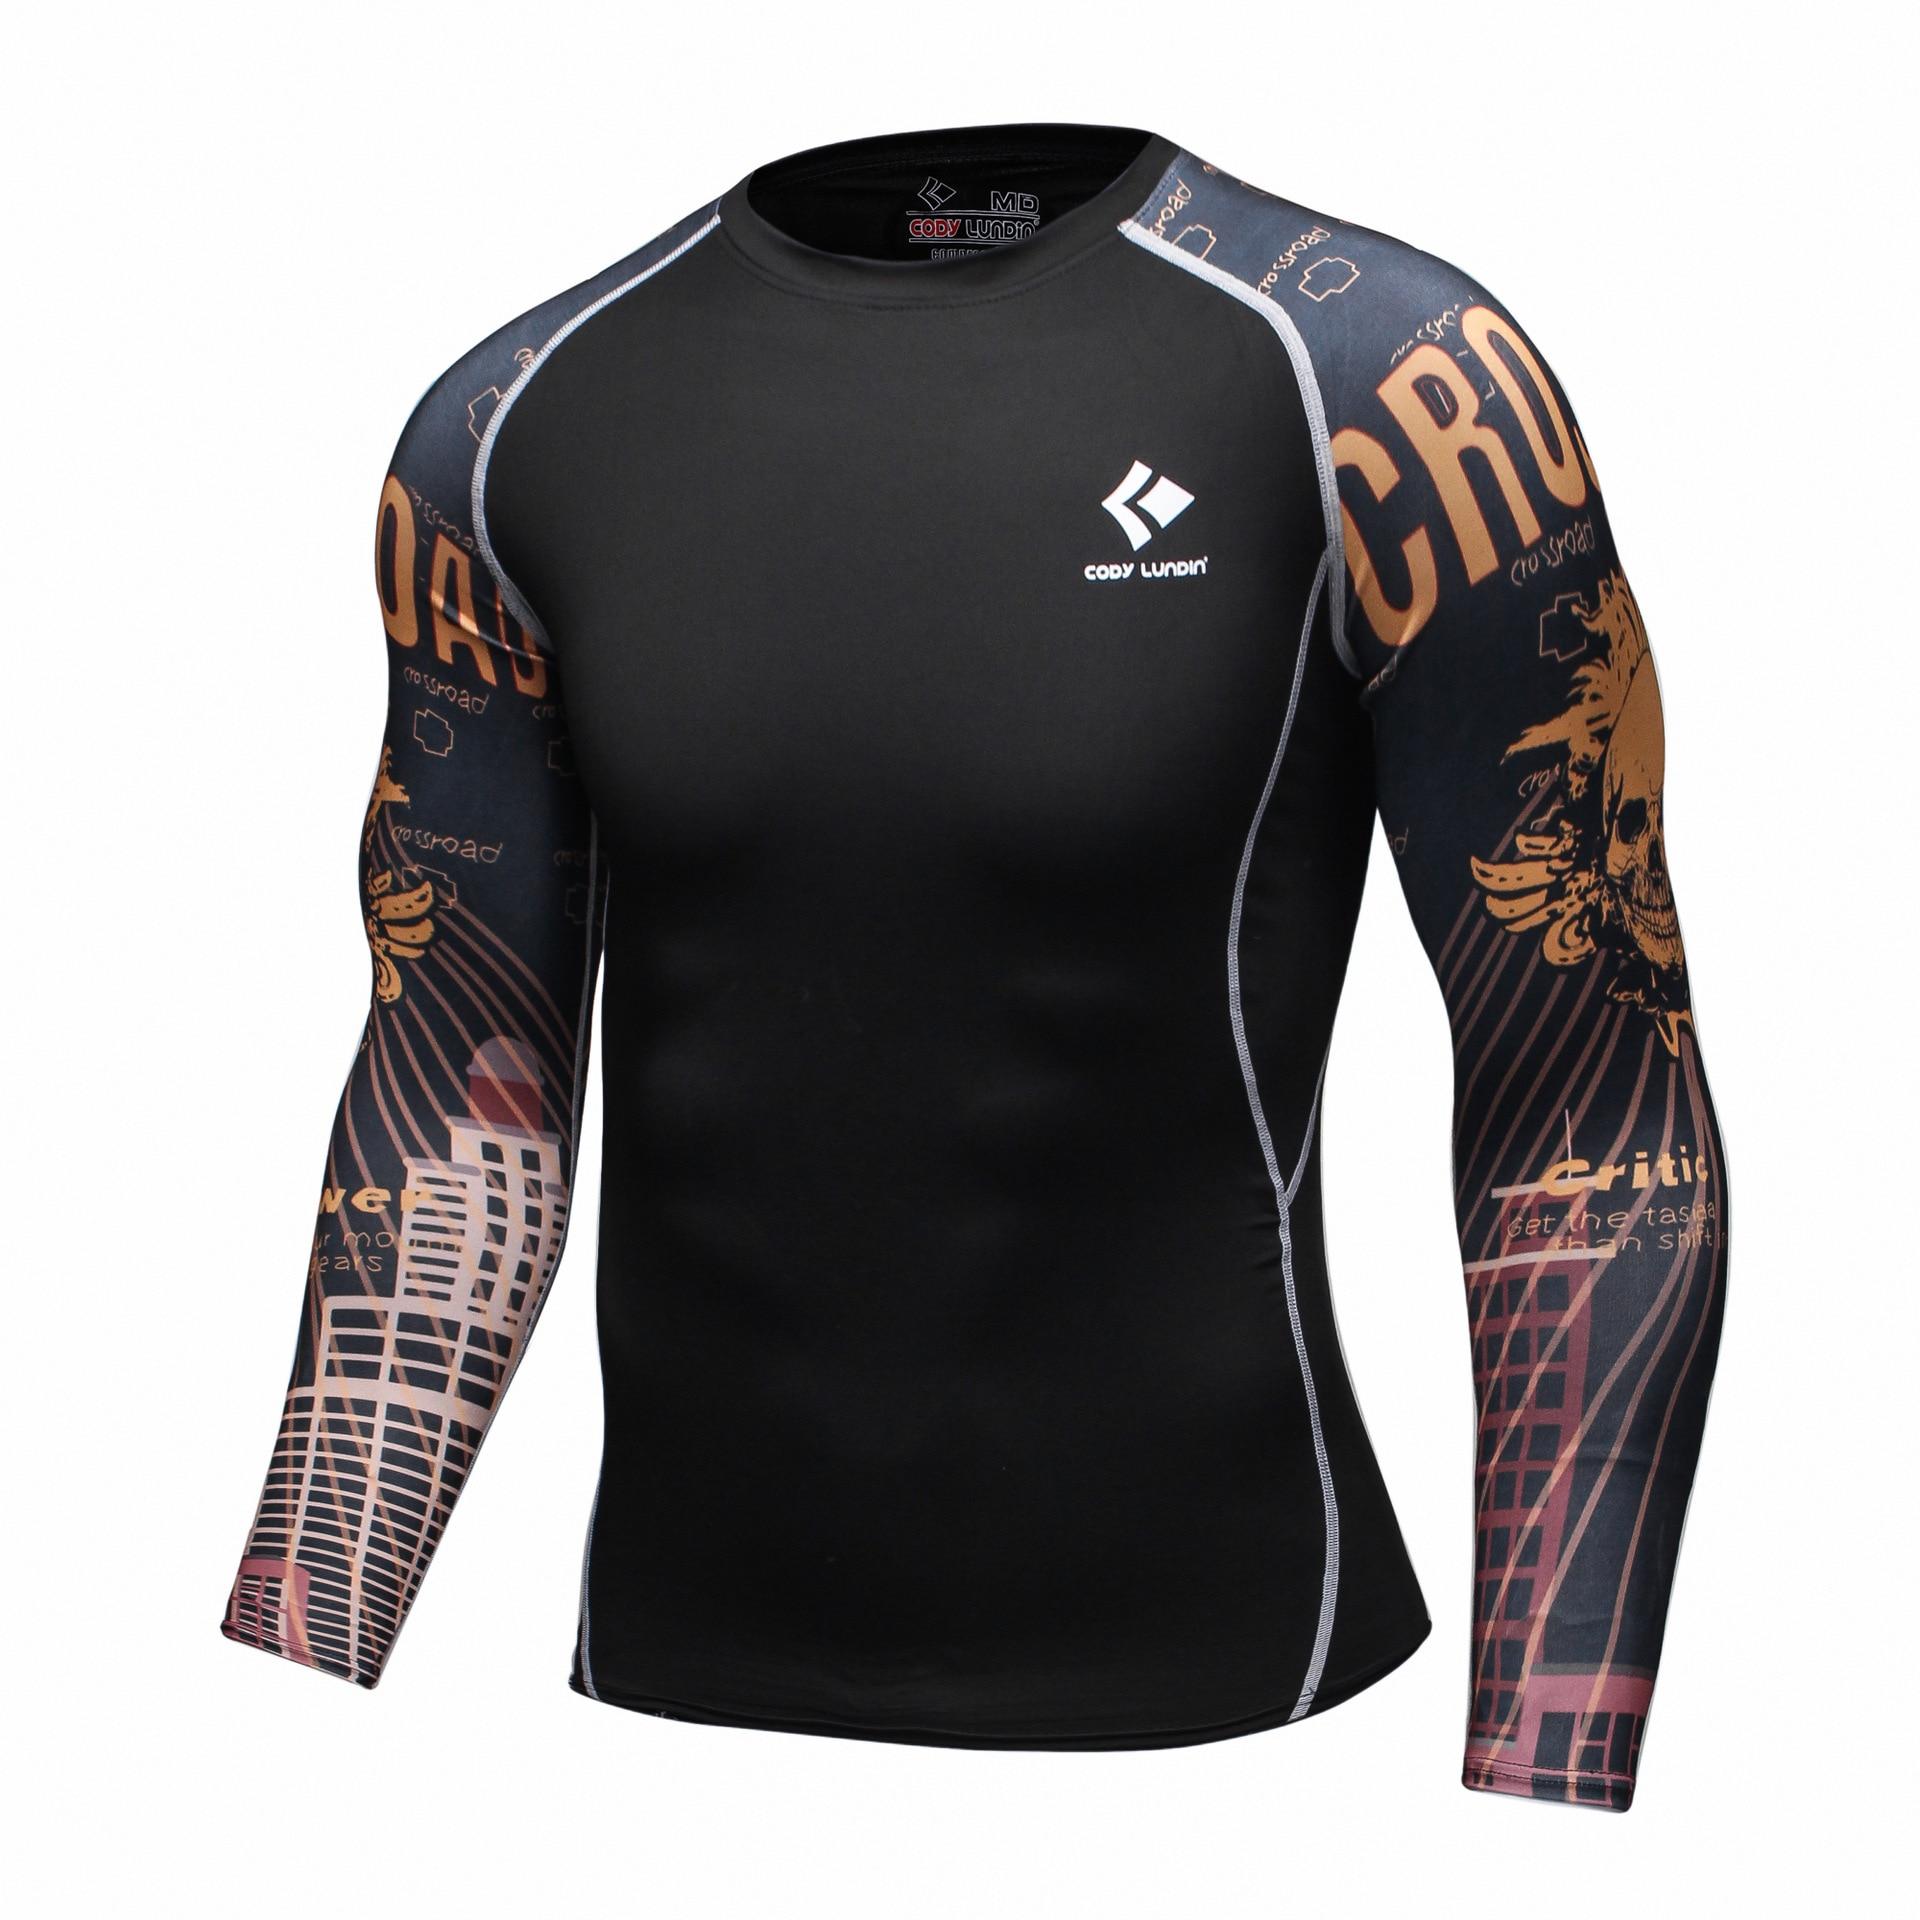 Férfi ökölvívó pulóverek Fitness lélegző izom Muay thai futó boksz kompressziós ruhák tornaterem MMA edzés hosszú ujjú póló